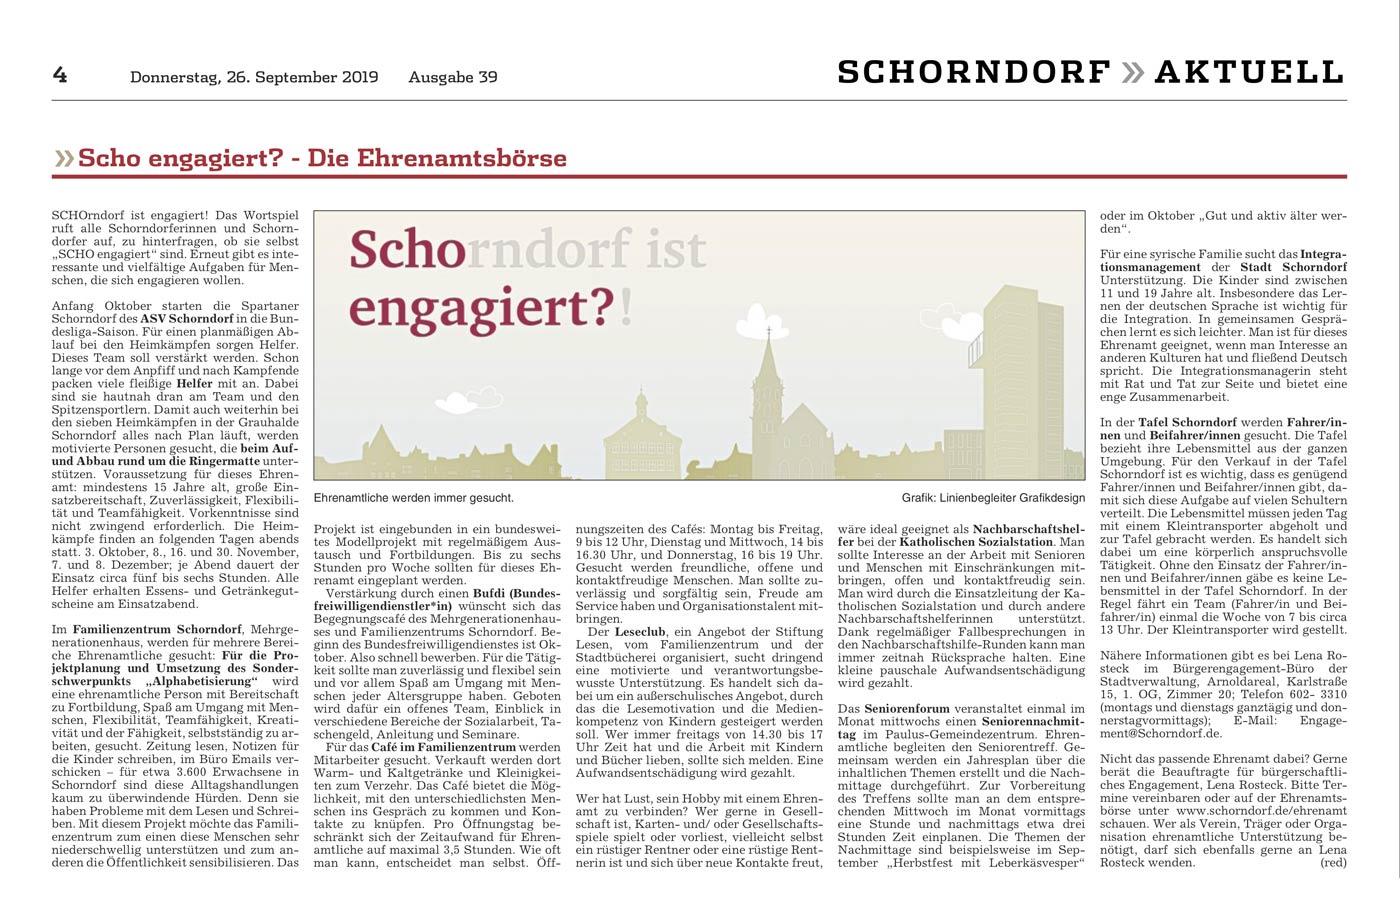 Scho-engagiert, Kampagne, Veröffentlichung, Schorndorfer Zeitung